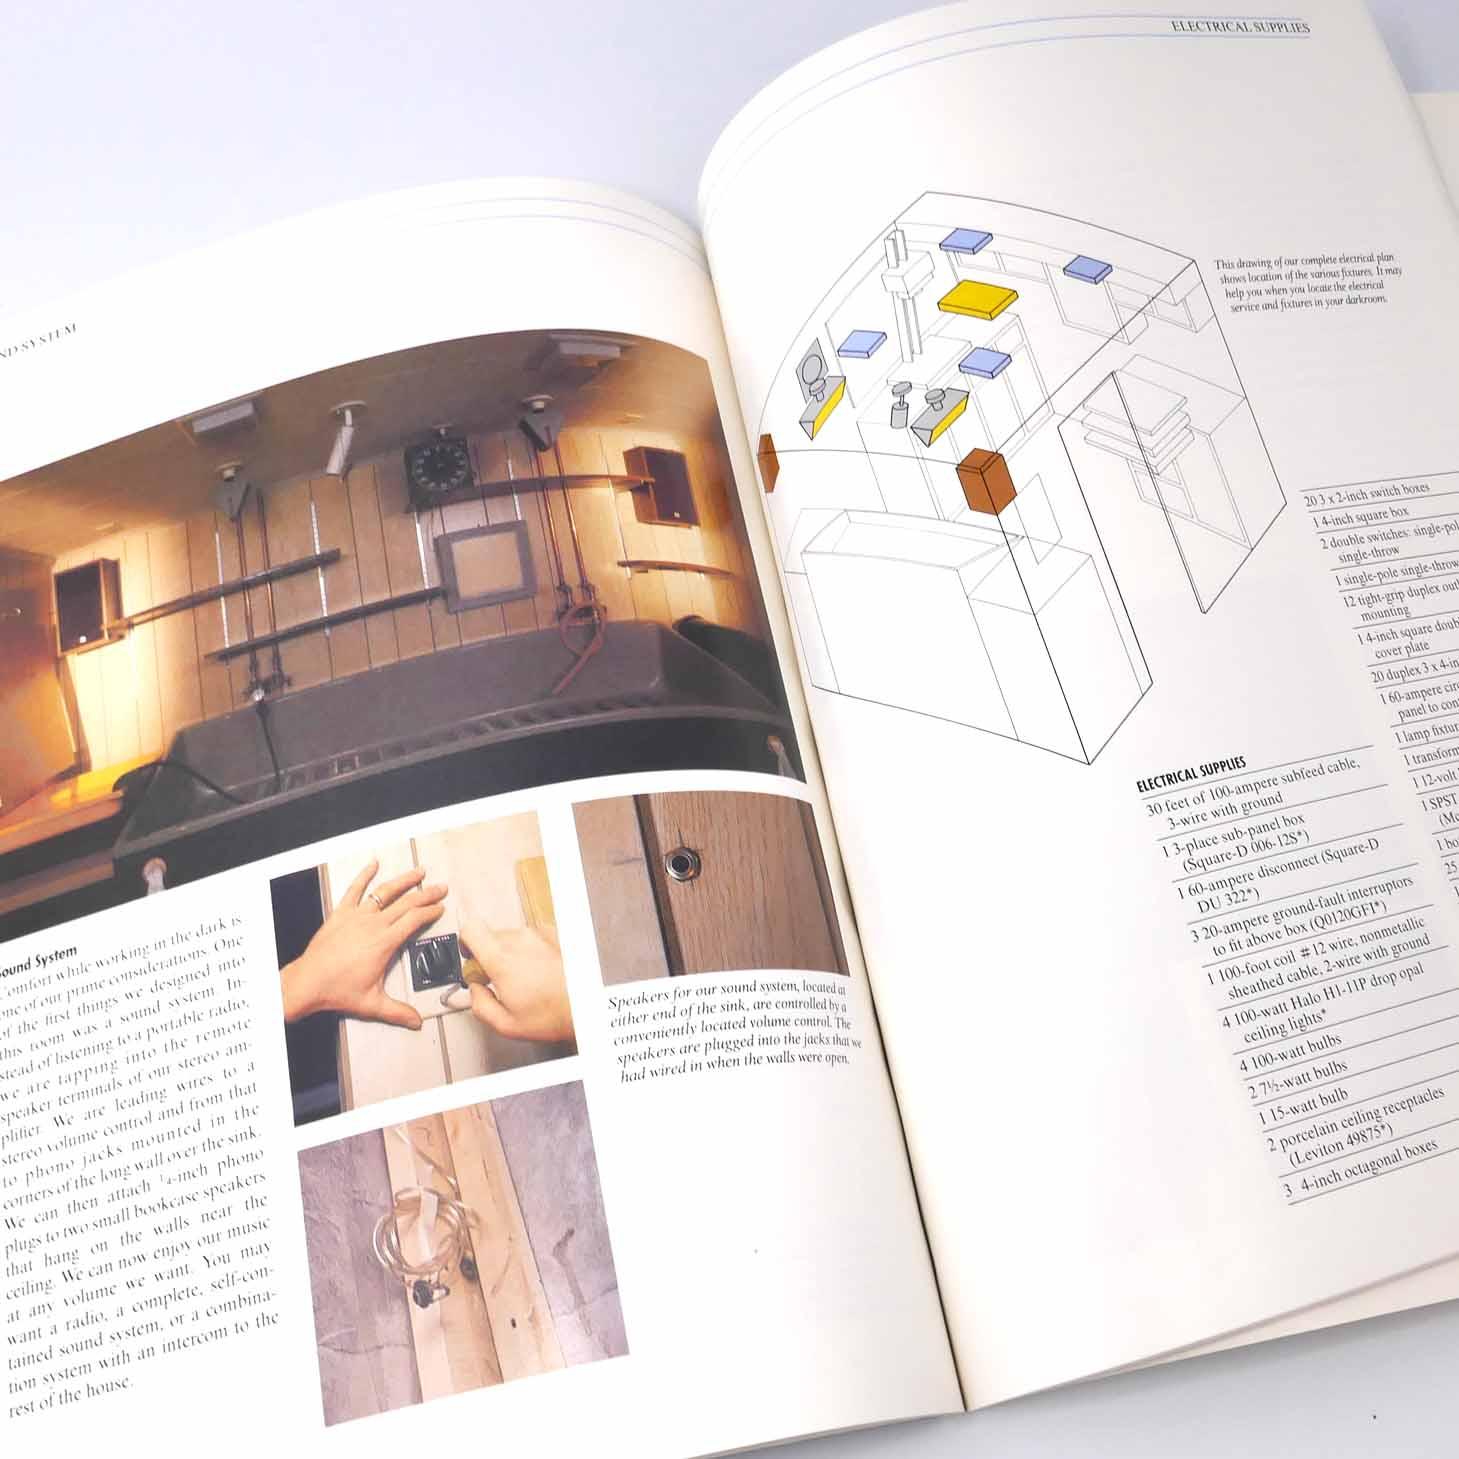 clean-cameras-Kodak-building-a-home-Darkroom-01